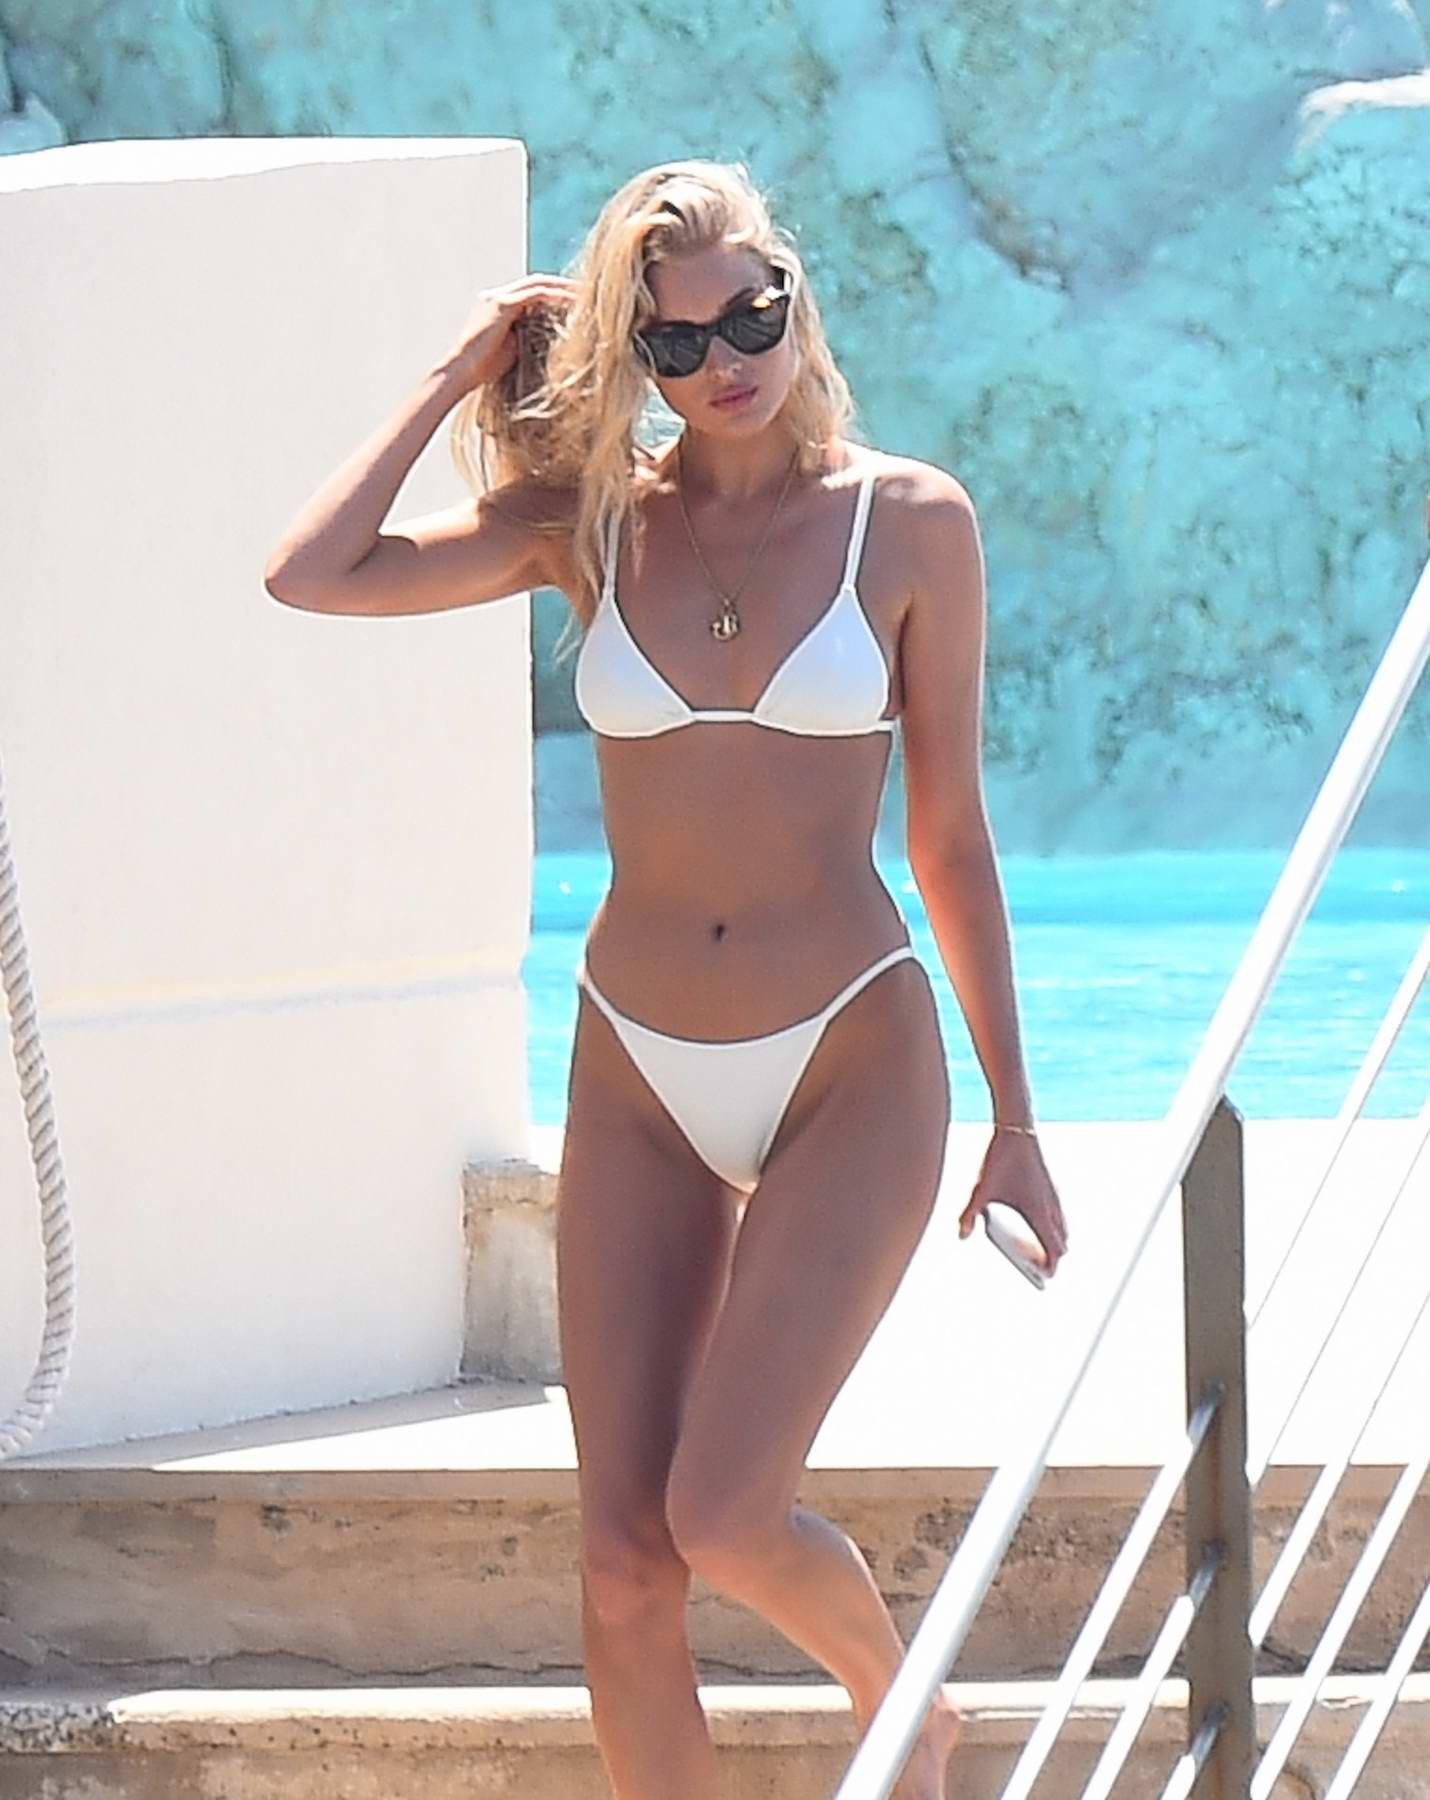 Elsa hosk in bikini - 2019 year